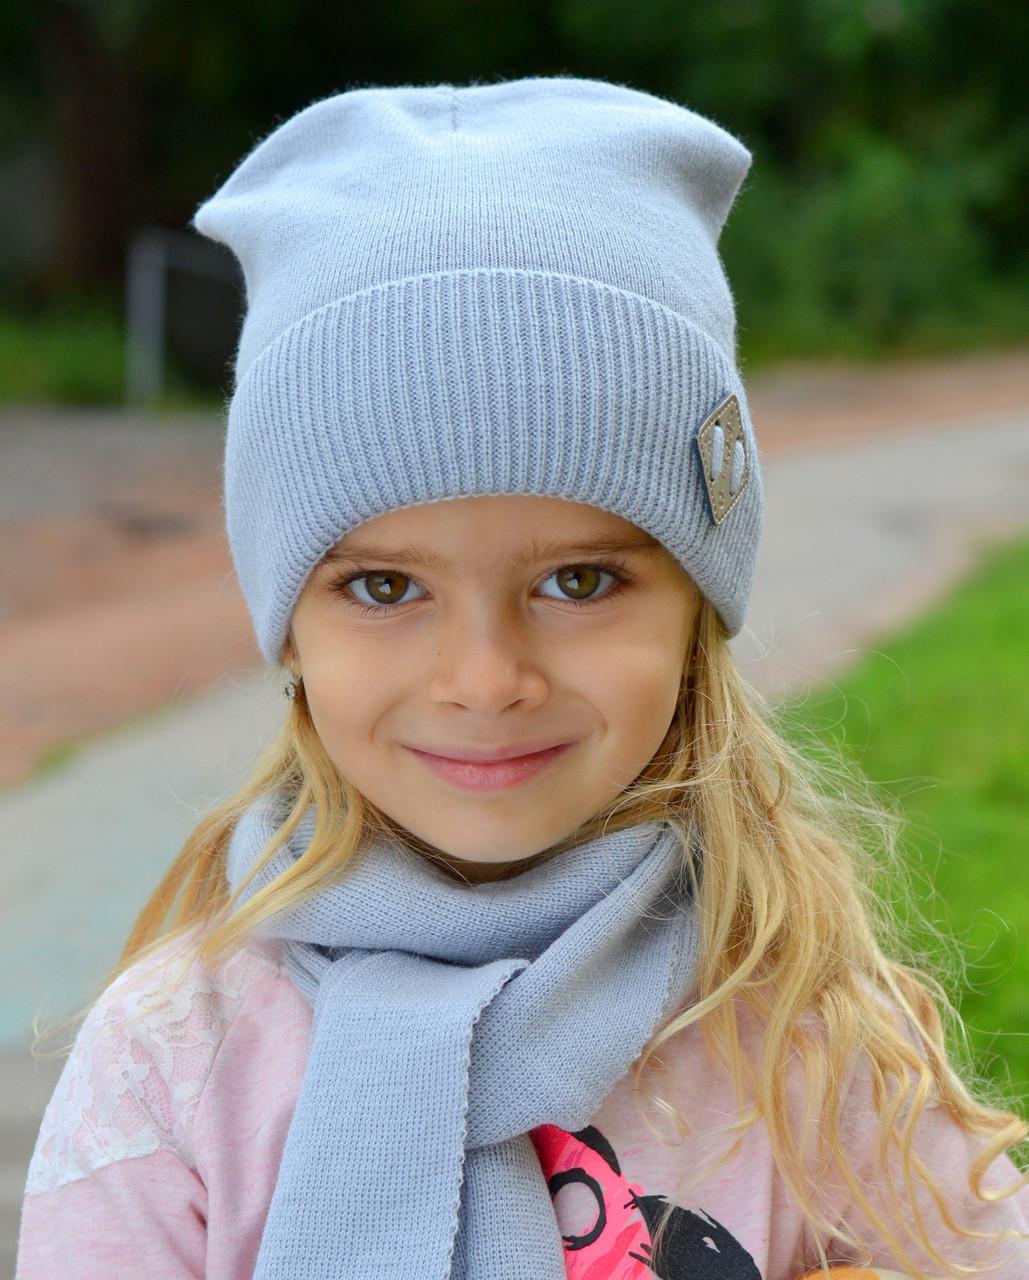 Модная детская шапка для подросков весна 2020